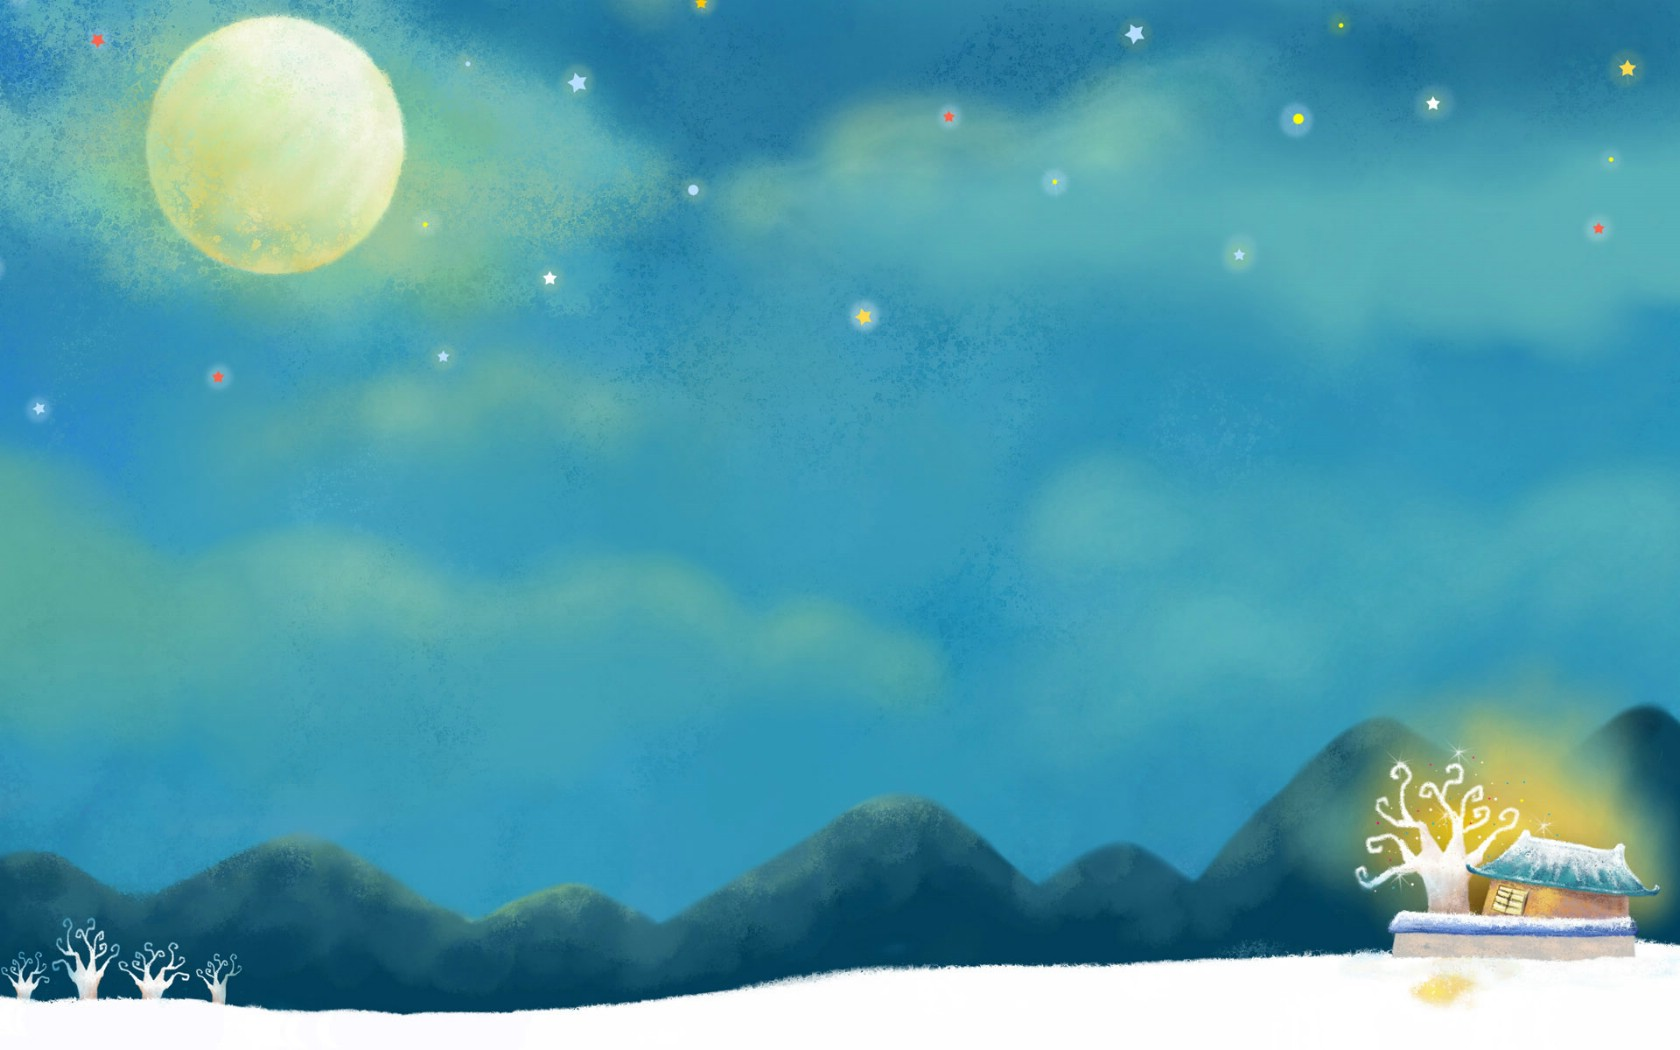 星空月亮手绘插画